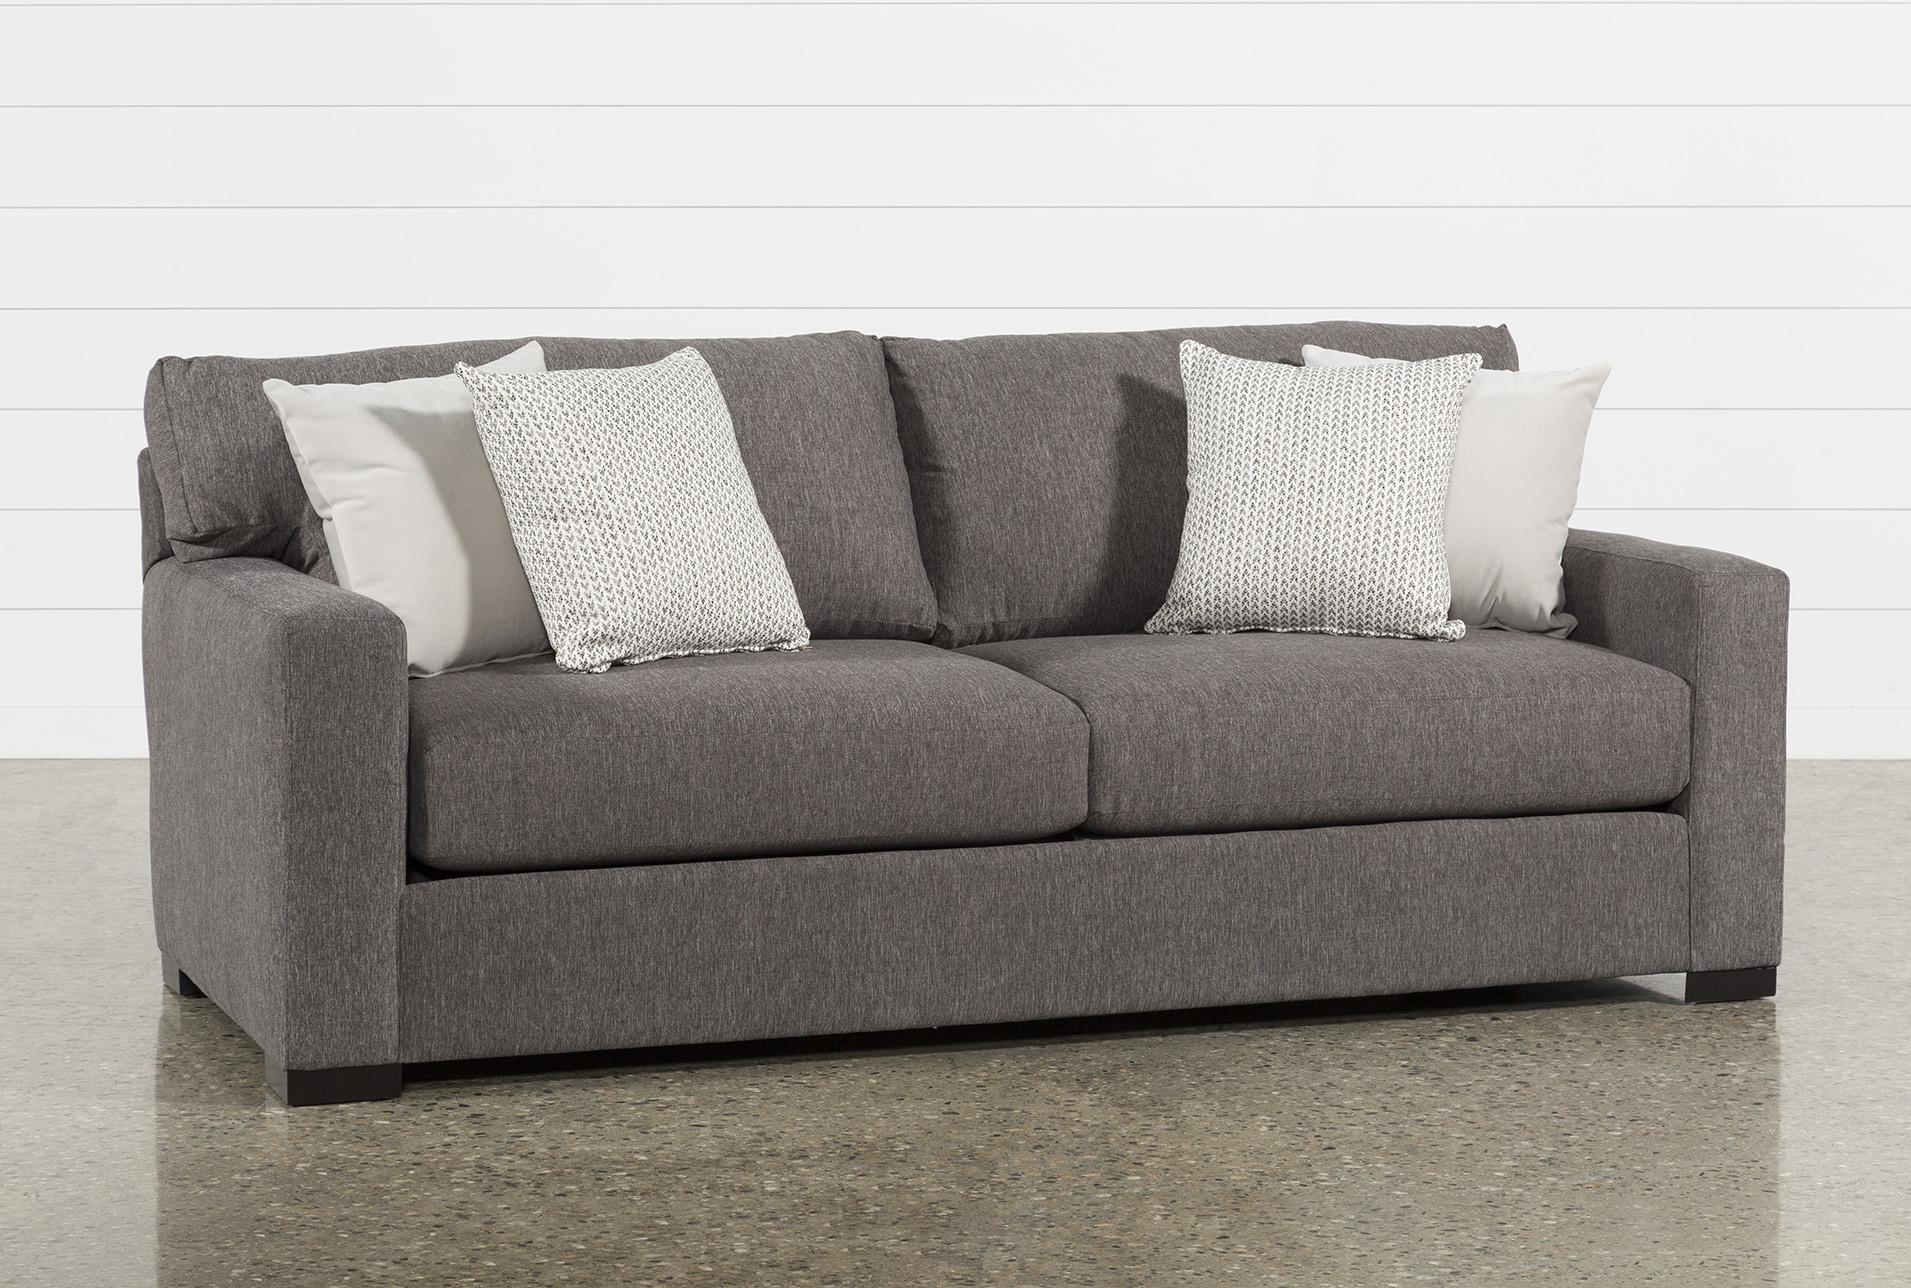 Attirant Mercer Foam Condo Sofa   360